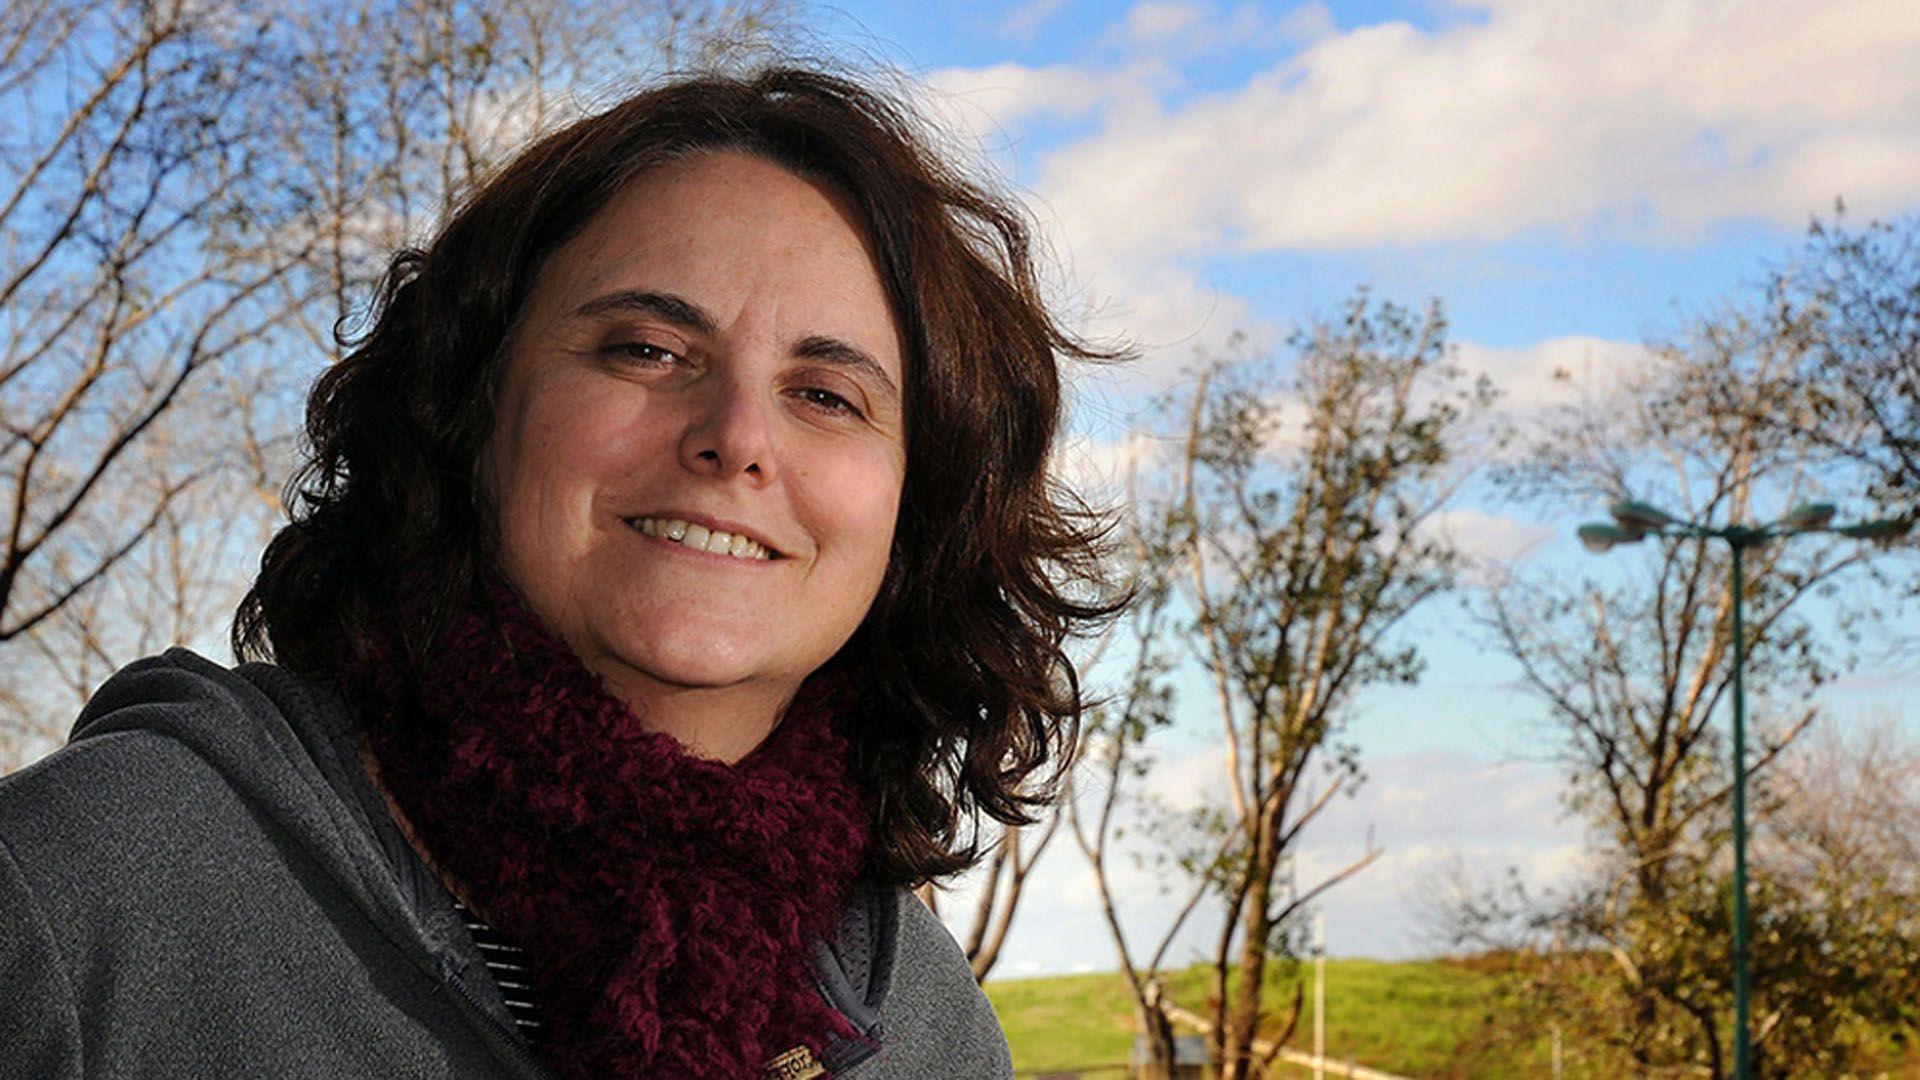 Carolina Vera es una científica argentina que estudia el cambio climático (Conicet)